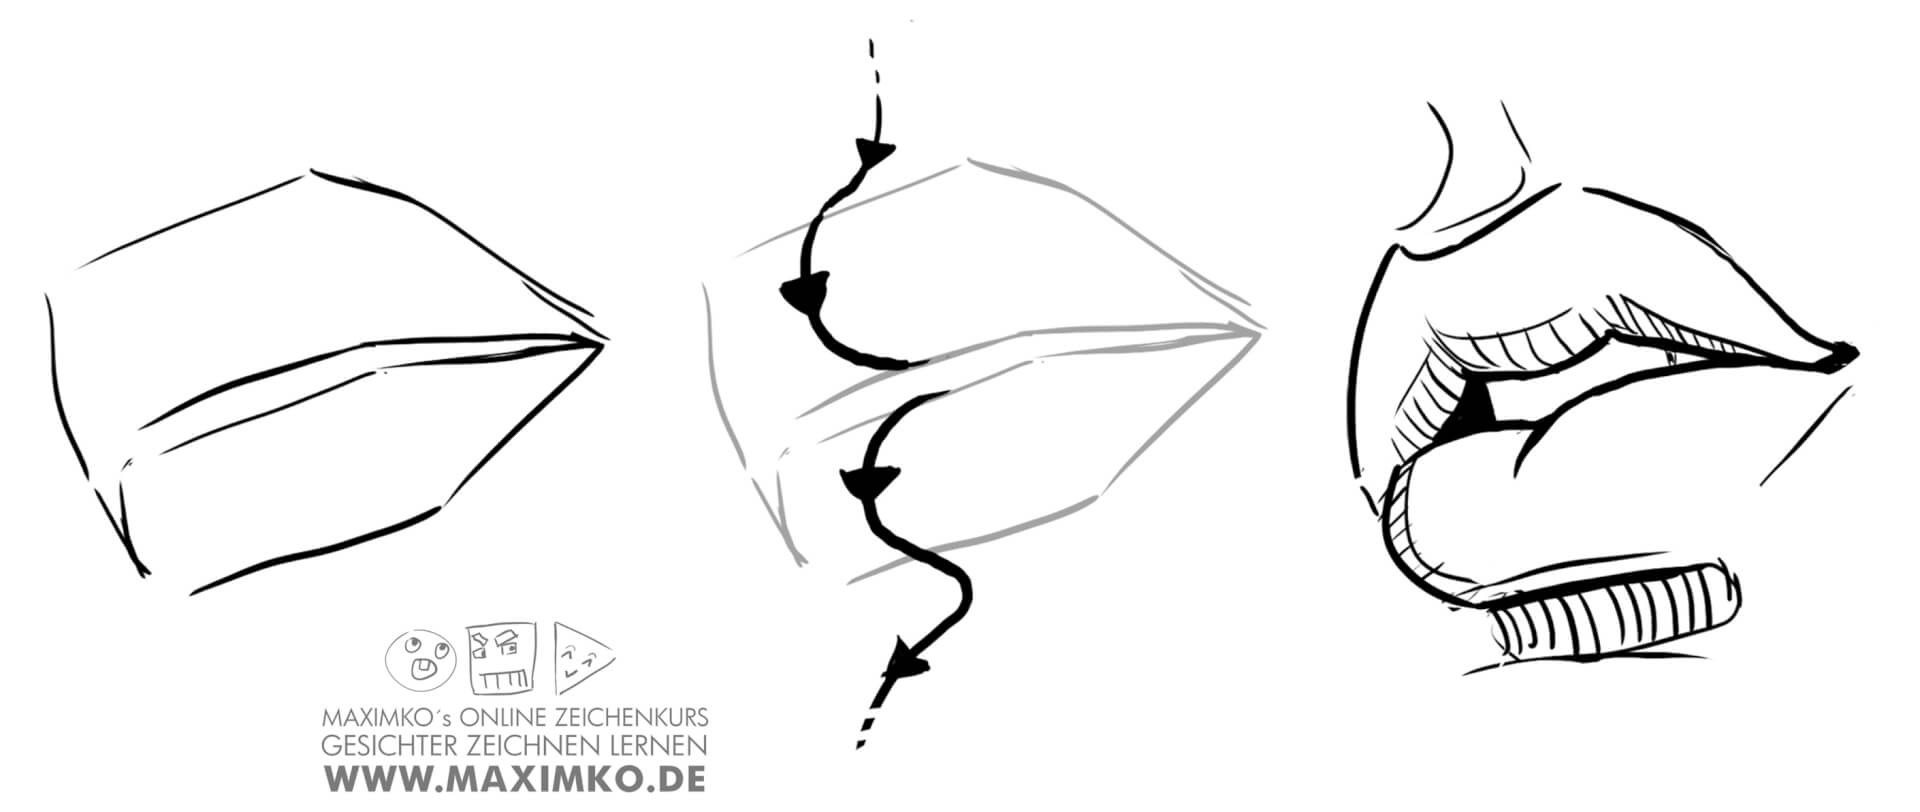 mund und lippen zeichnen lernen tutorial in perspektive von oben konstruieren maximko